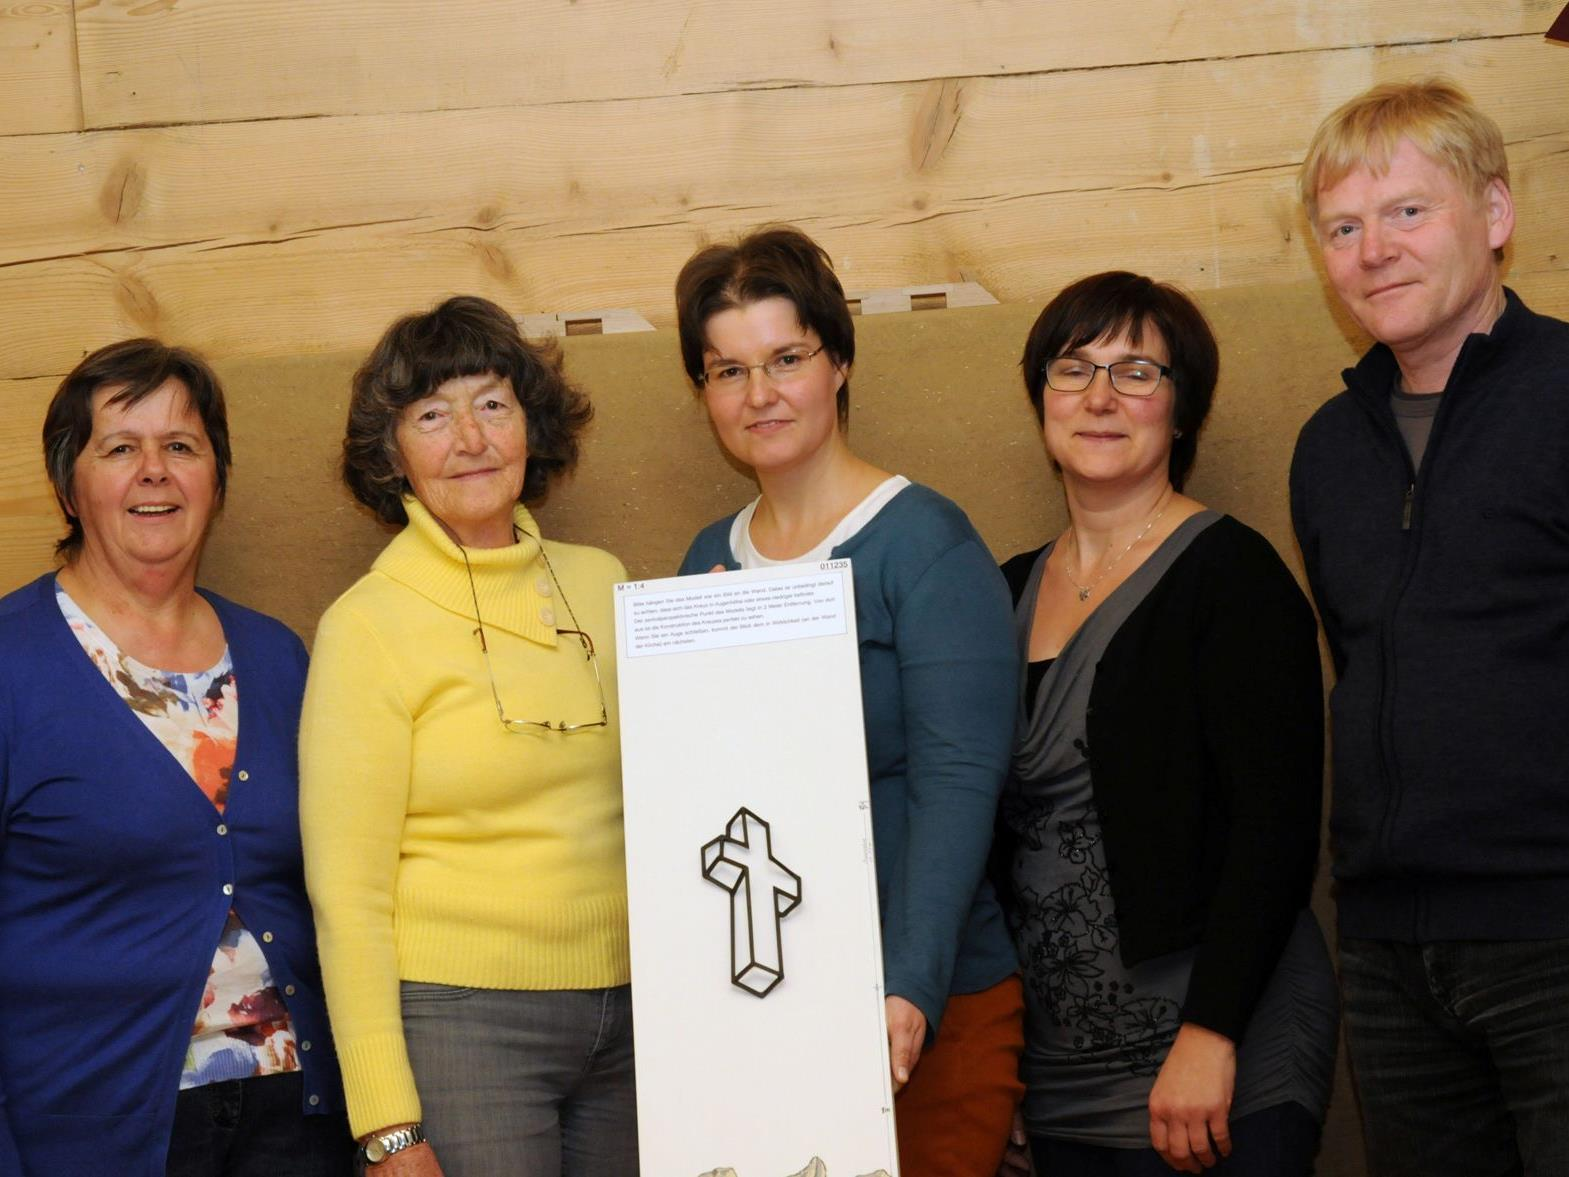 vl.li. Marlies Bouzo, Elisabeth Burtscher, Karin Bitschnau, Helga Konzett, Helmut Schlatter.